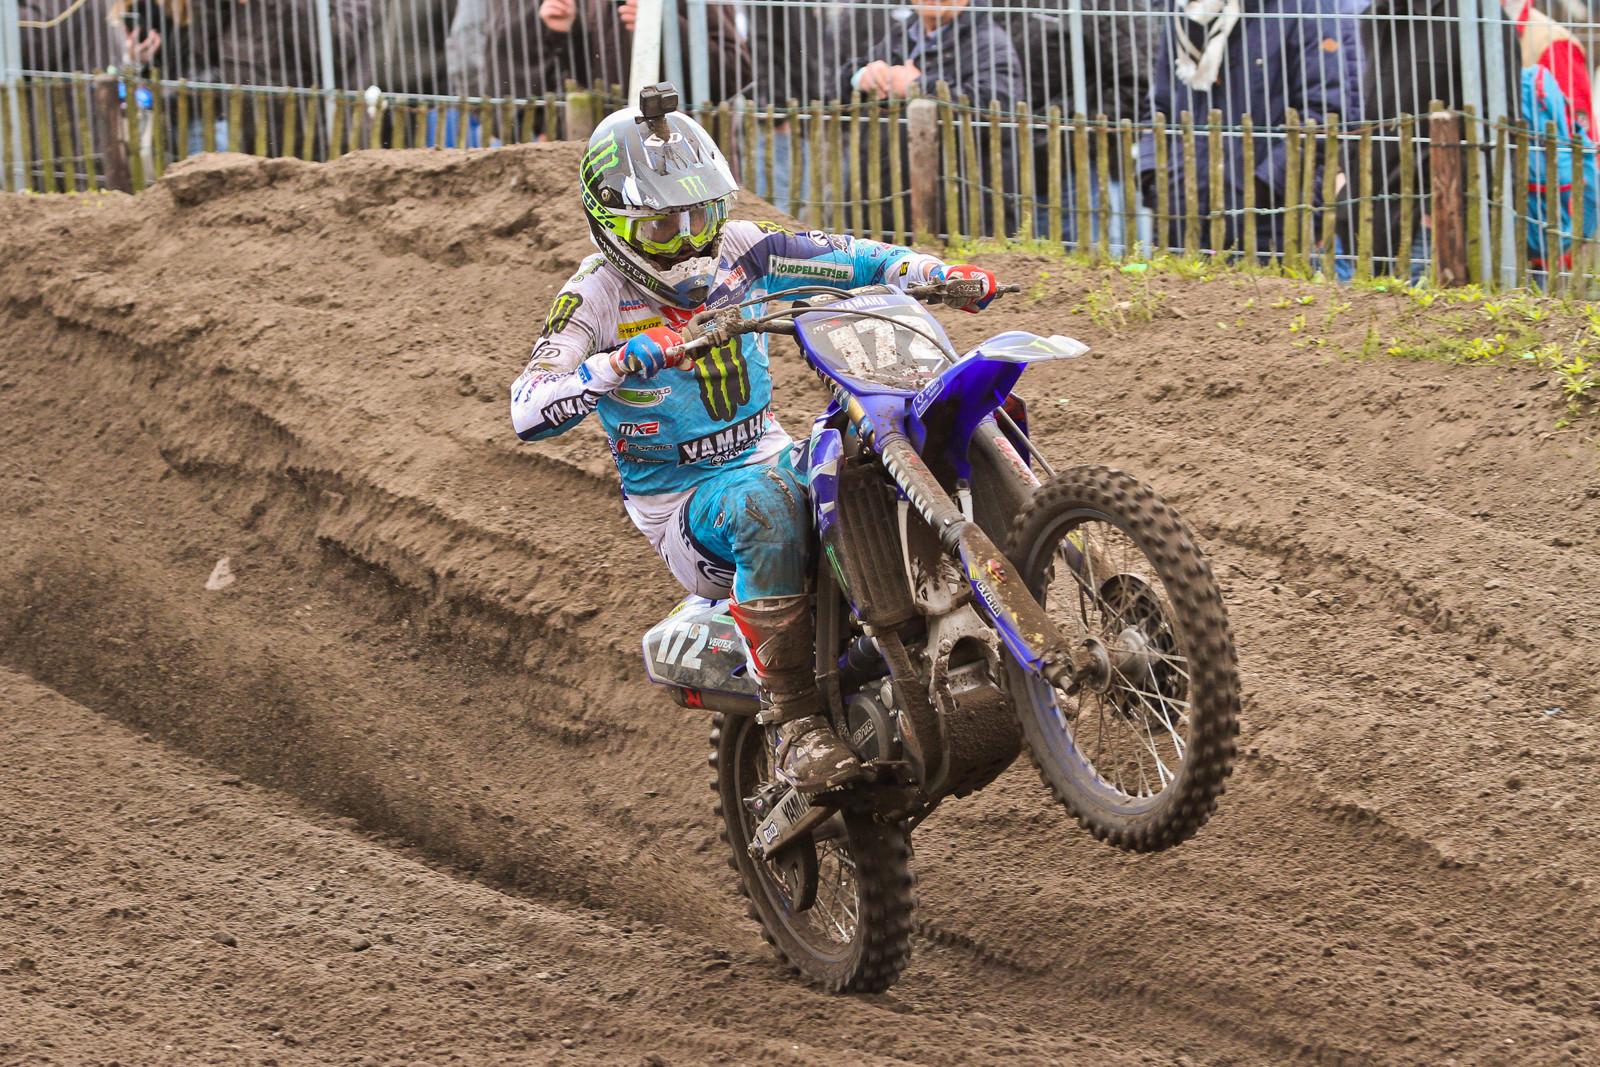 Brent van Doninck - Photo Blast: 2017 MXGP of Valkenswaard - Motocross Pictures - Vital MX